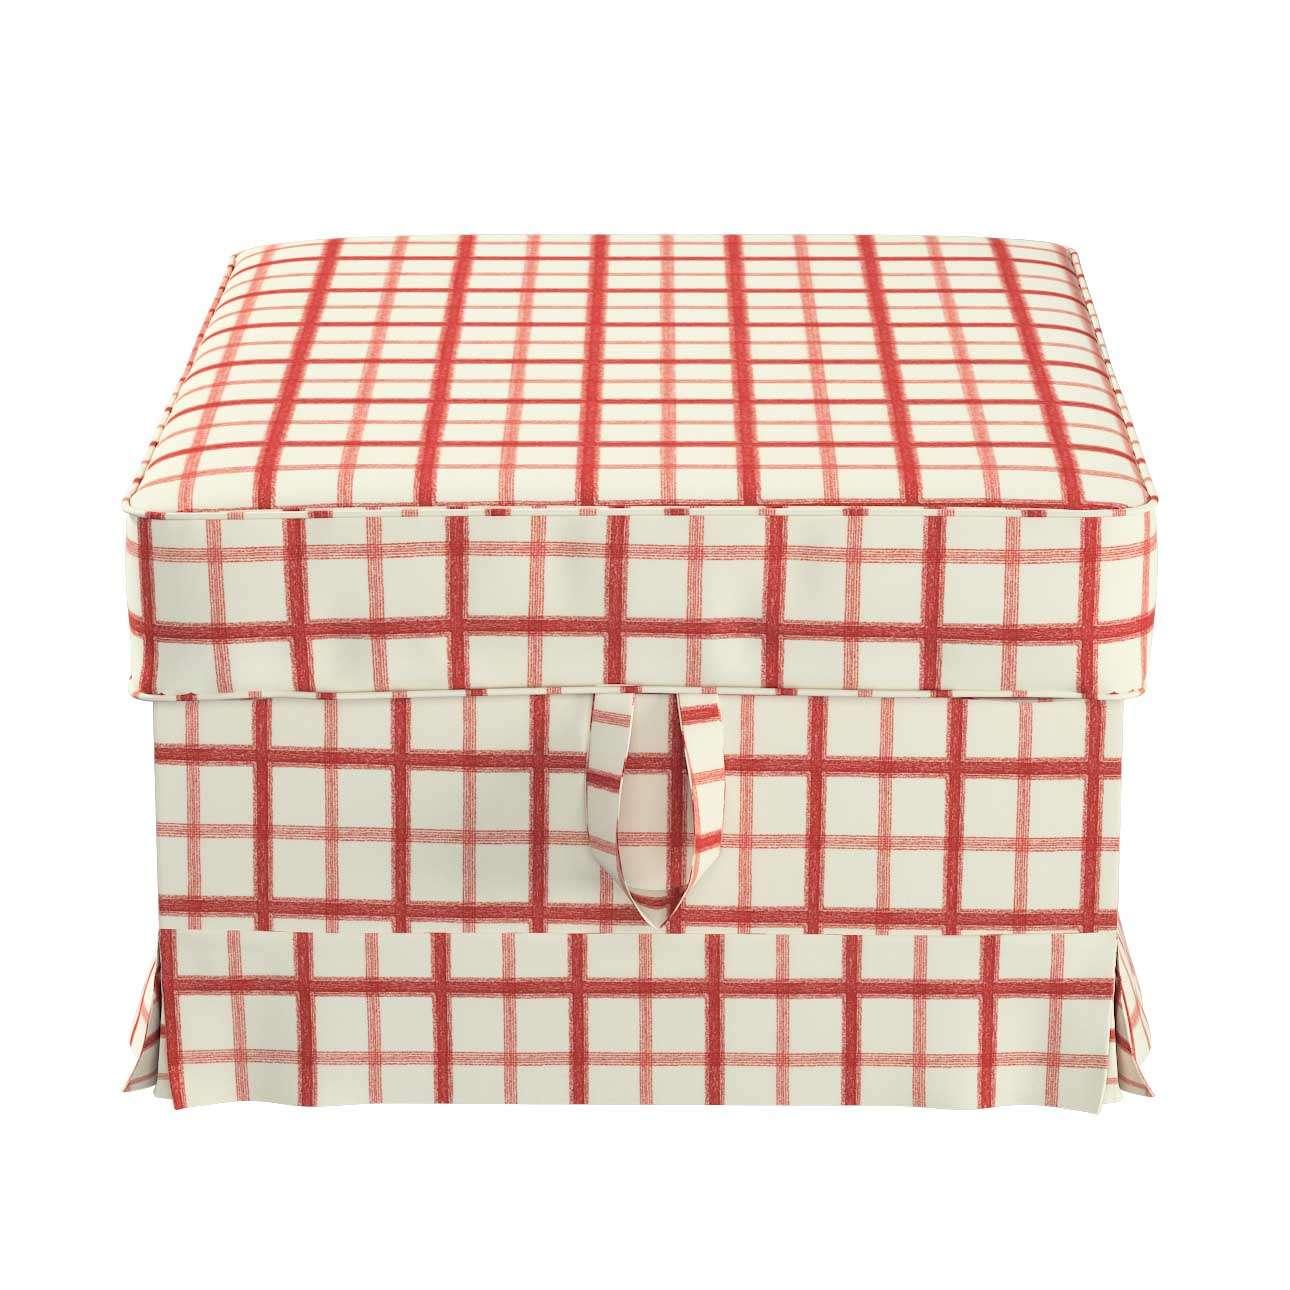 Pokrowiec na podnóżek Ektorp Bromma w kolekcji Avinon, tkanina: 131-15